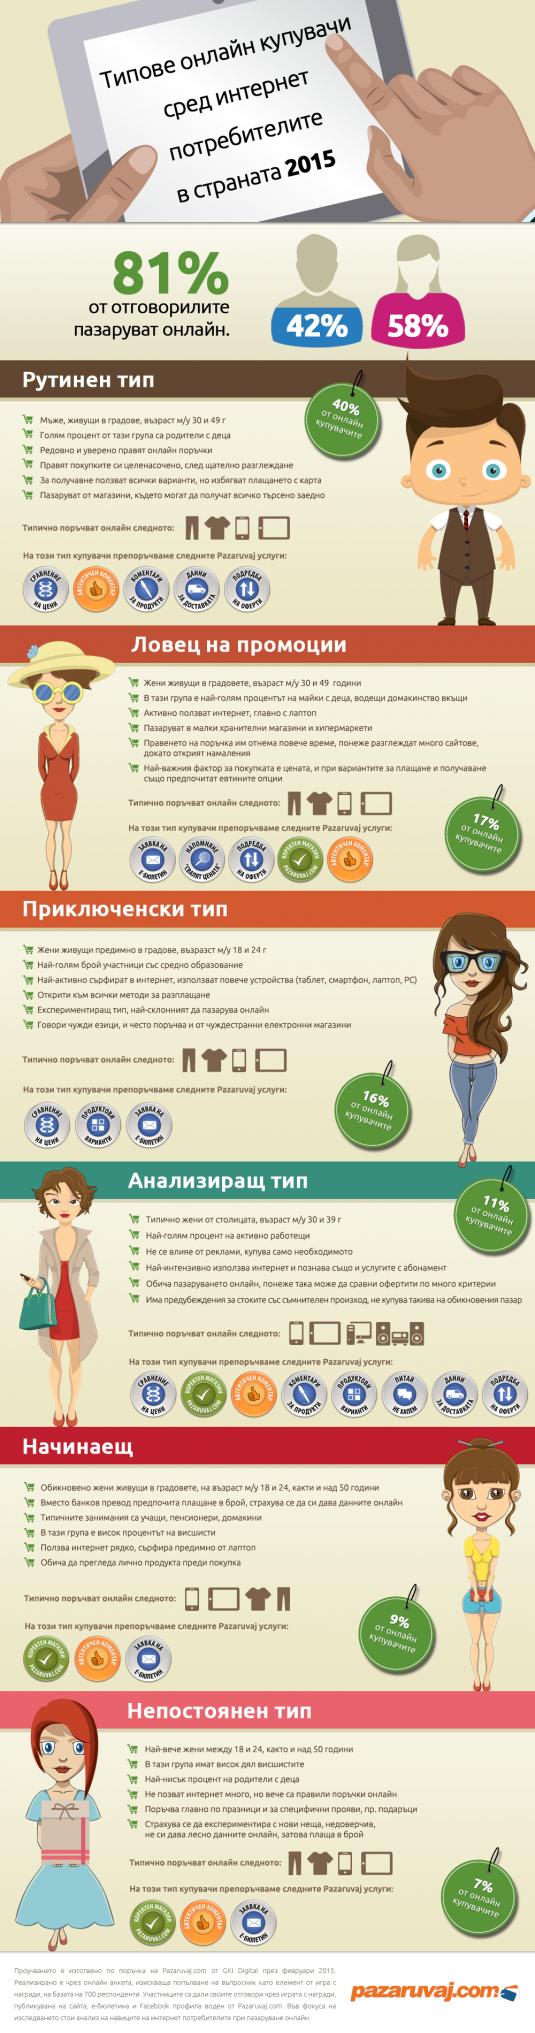 6 vida online potrebiteli